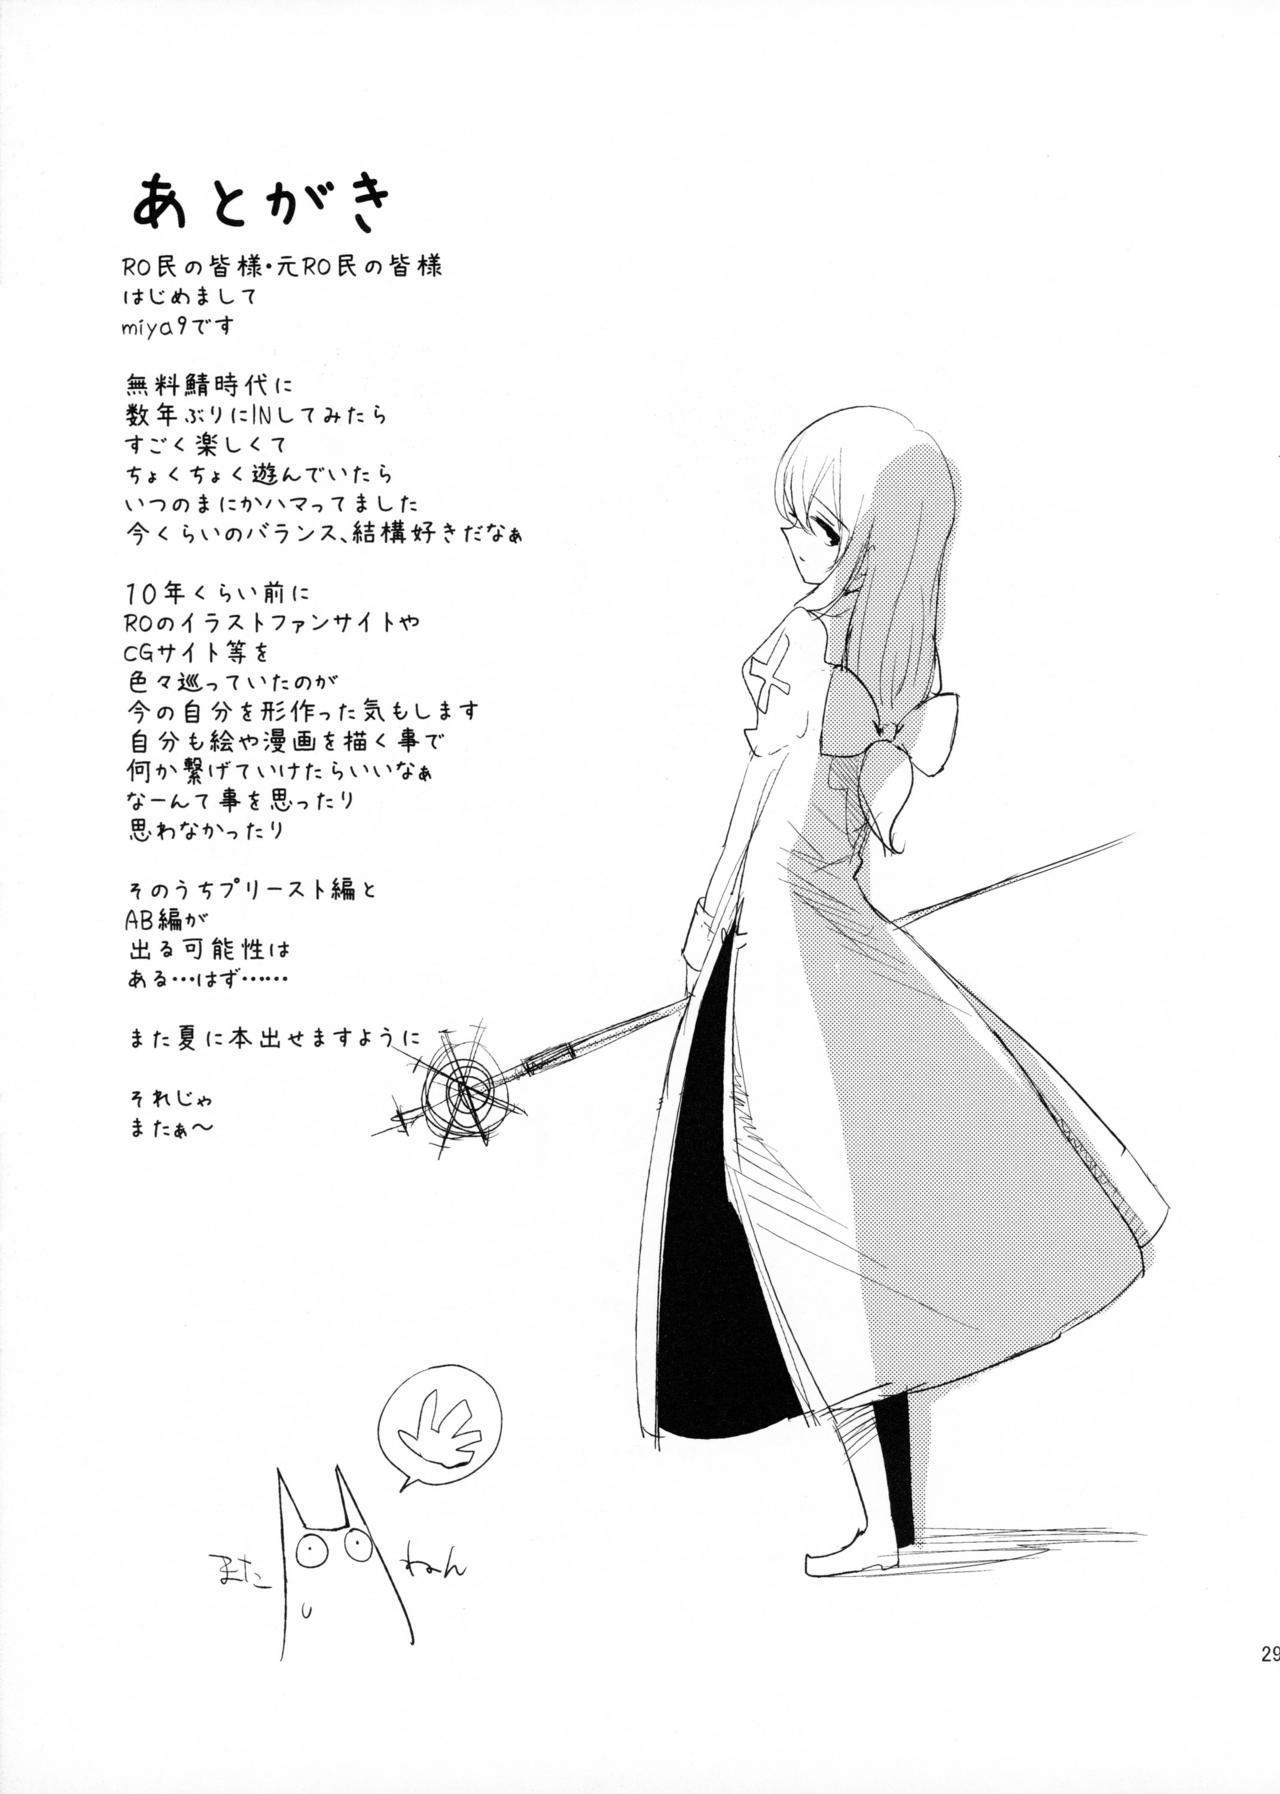 AcoPri Monogatari 26